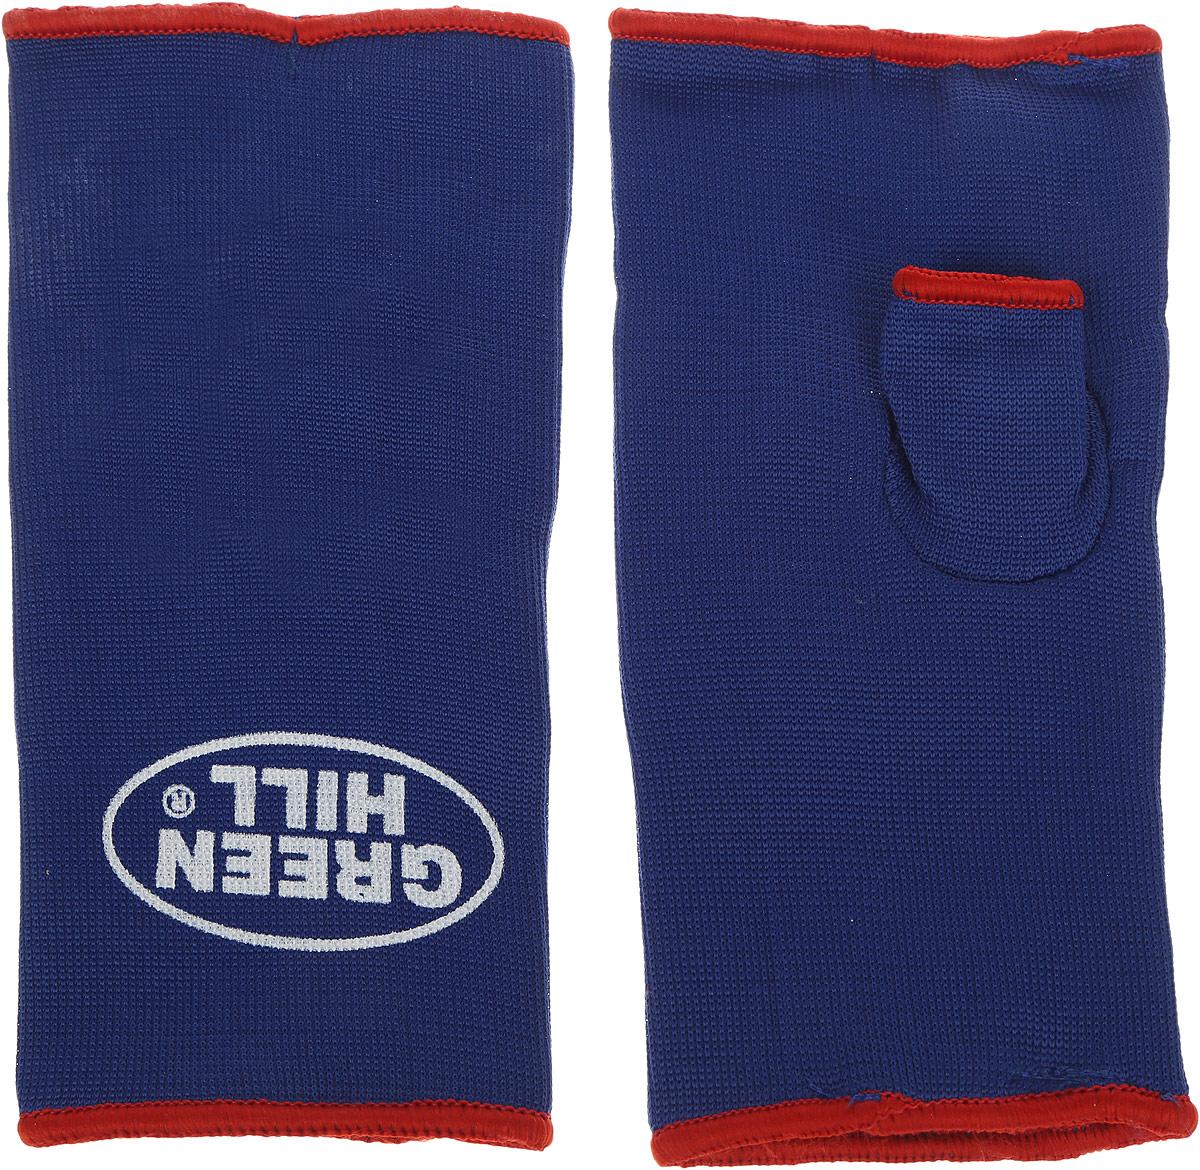 Защита на кисть медицинская Green Hill, с пальцем, цвет: синий, красный. Размер L. IG-0055